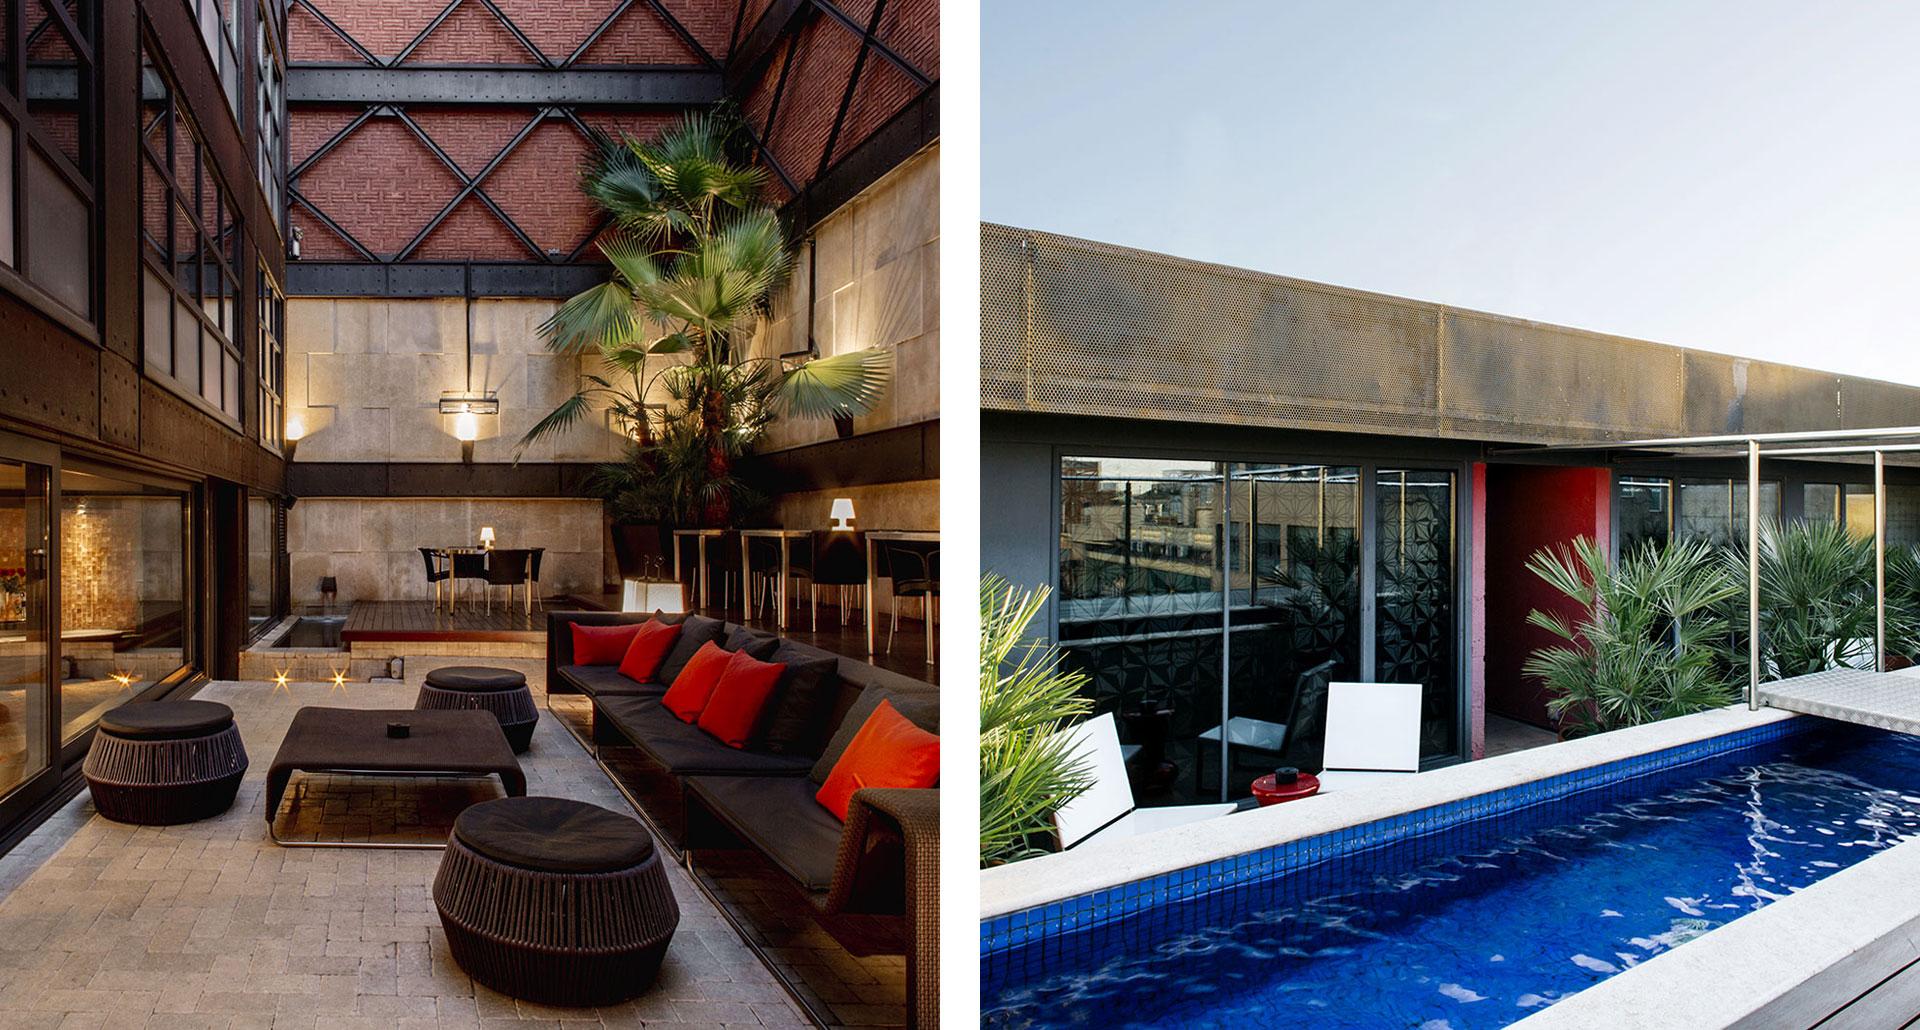 Granados 83 - boutique hotel in Barcelona